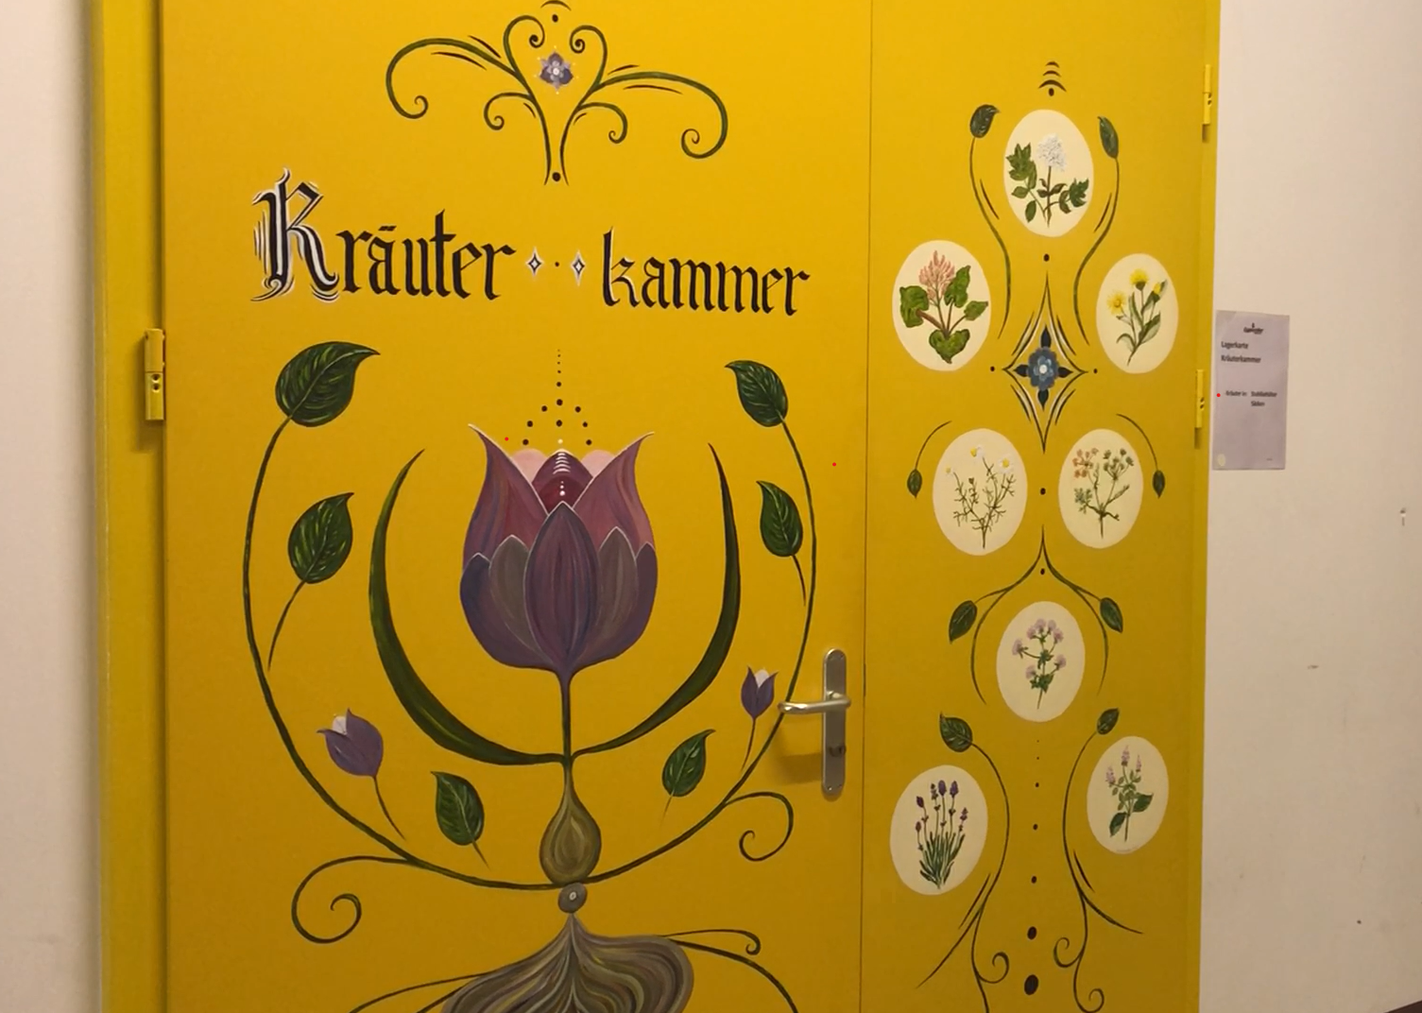 Die Kräuter-Kammer: Hier werden die geheimen Mischungen für den Alpenbitter produziert – Zugang haben nur die beiden Geheimnisträger.